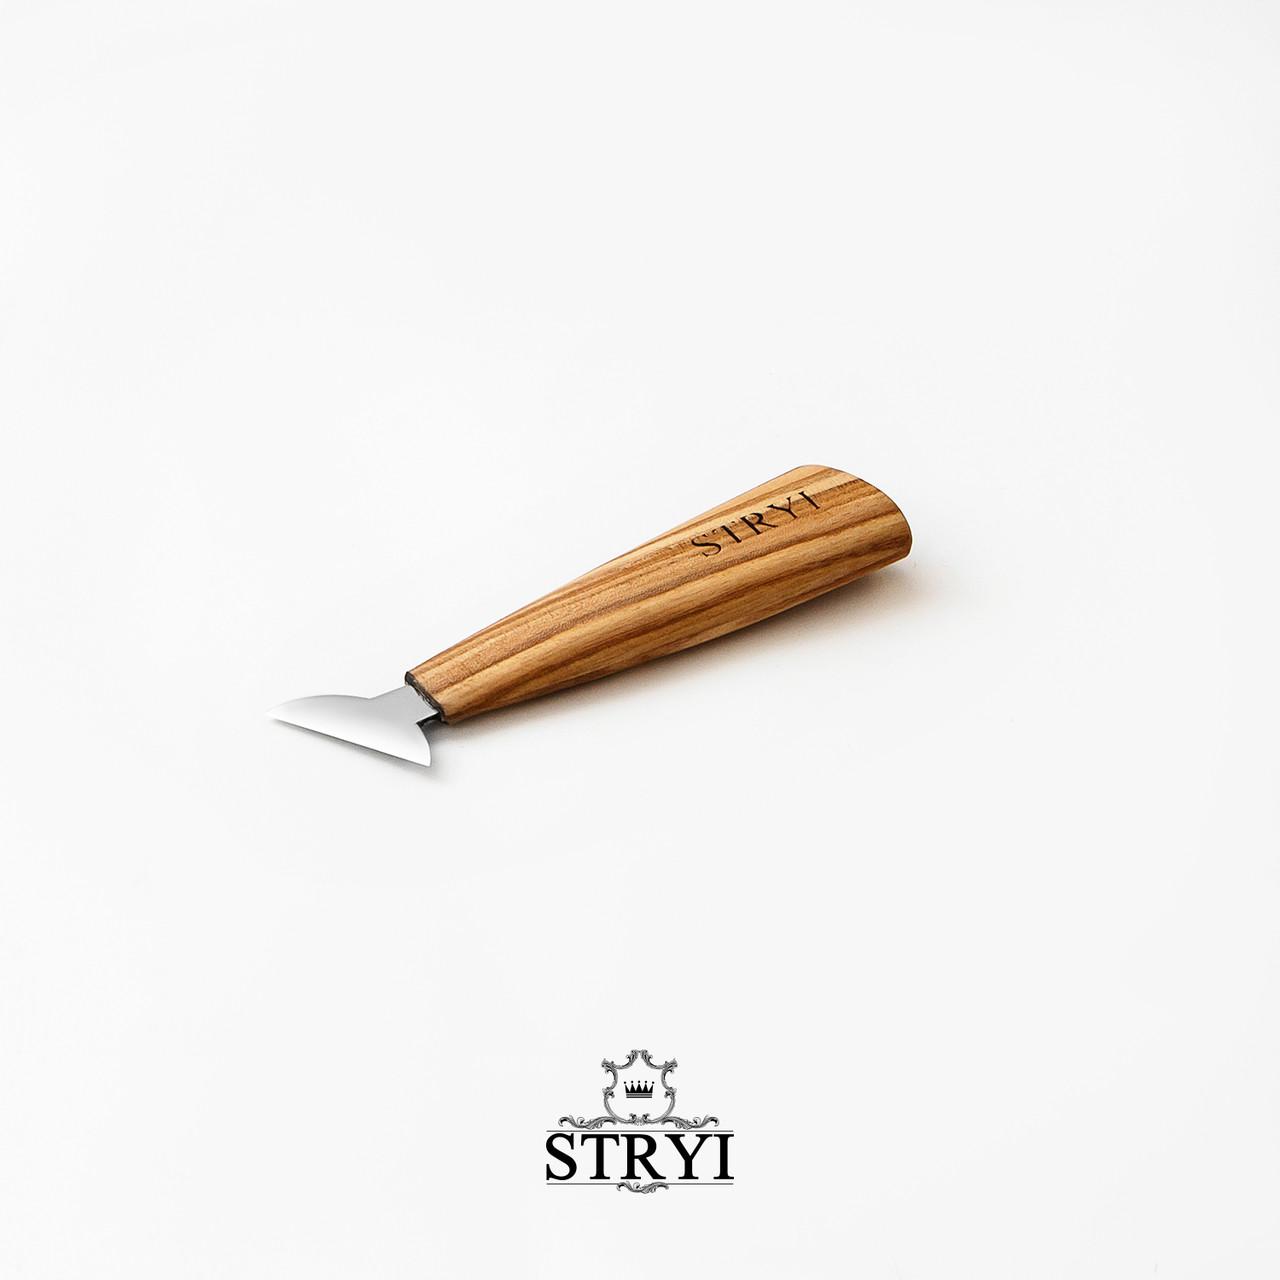 Стамеска нож топорик для резьбы по дереву от производителя, 40 мм